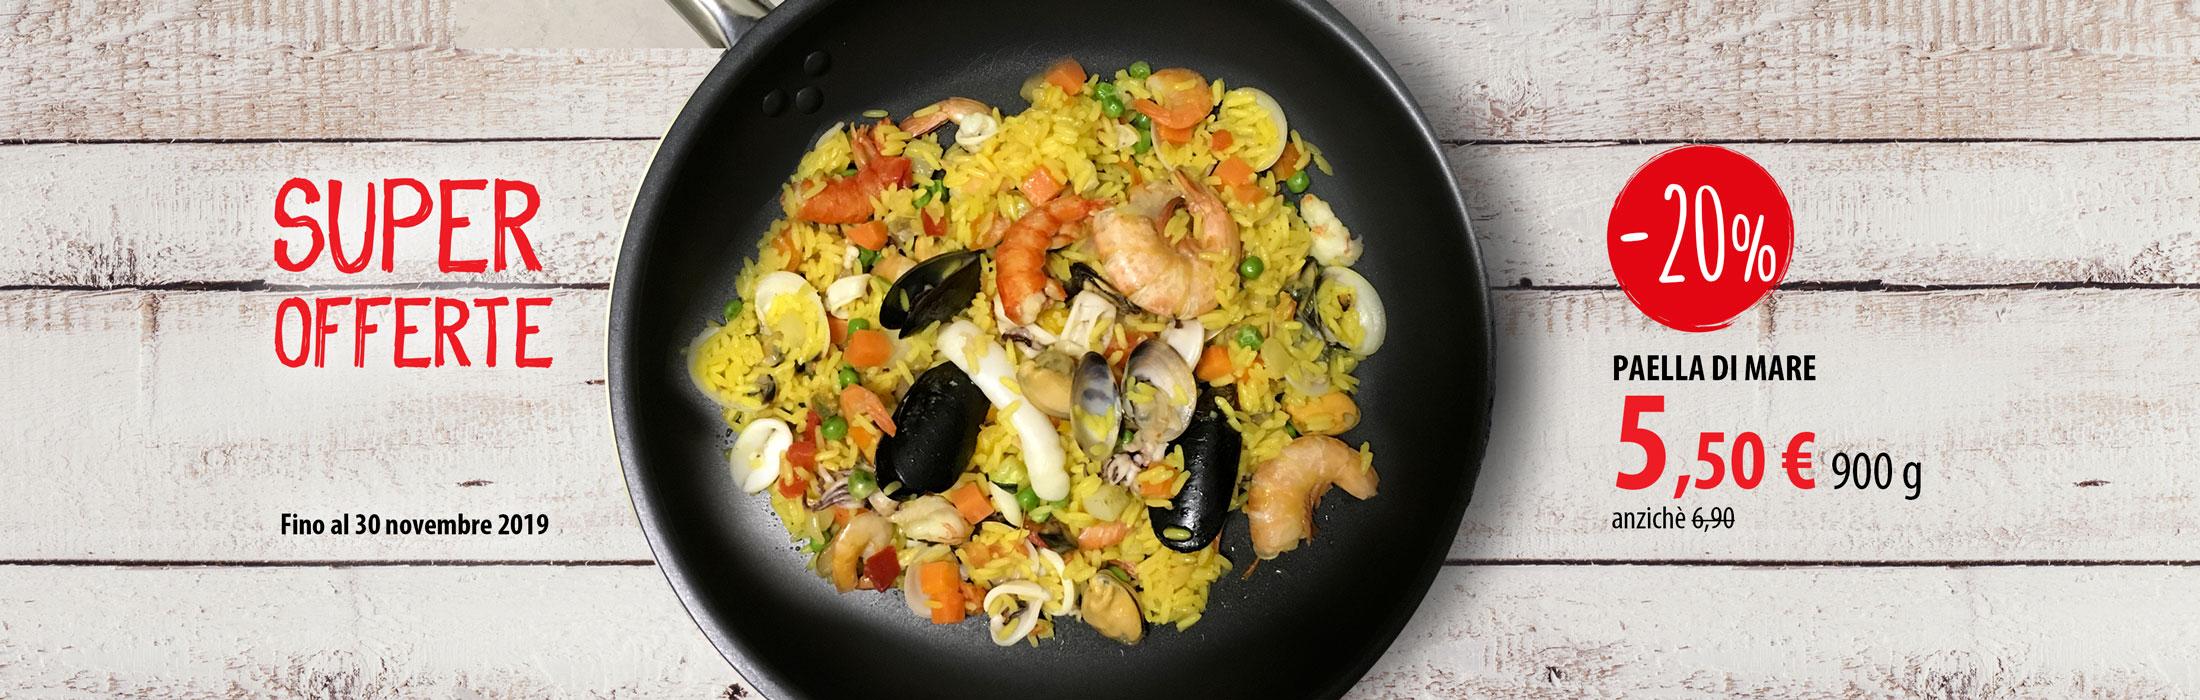 paella-di-mare-900g